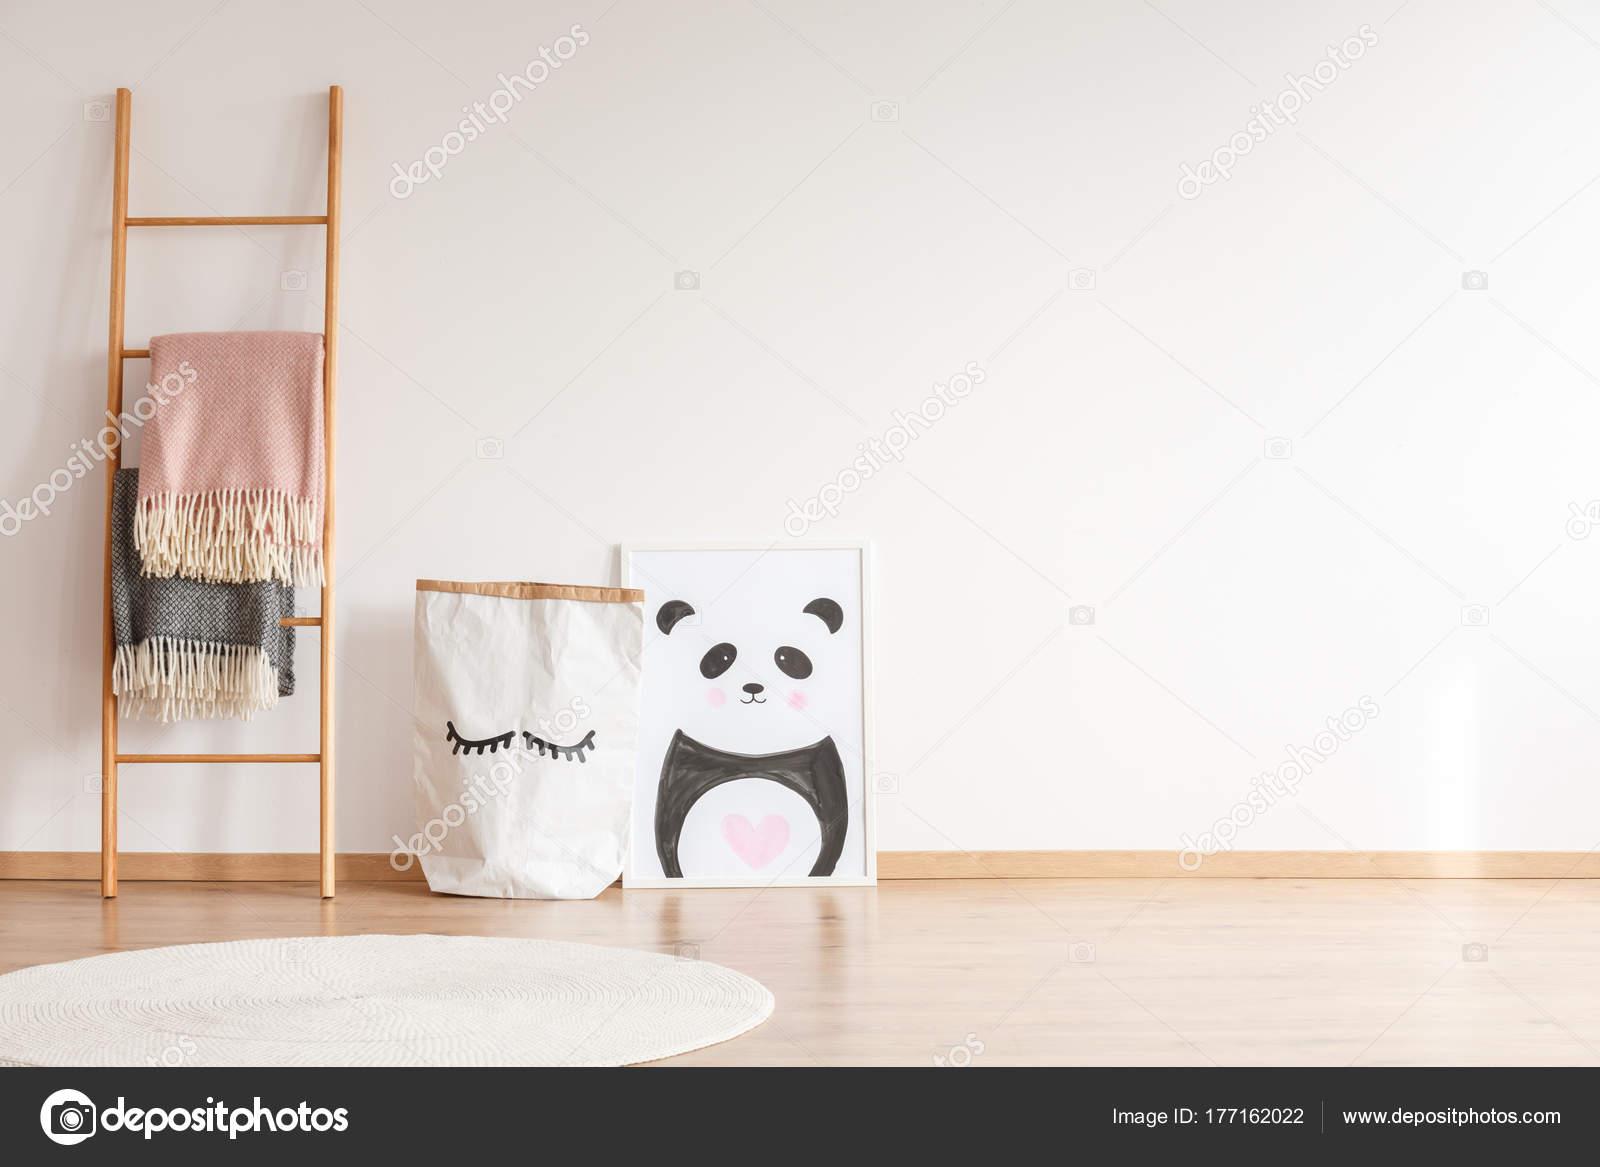 Kinderzimmer Mit Panda Zeichnen Stockfoto C Photographee Eu 177162022